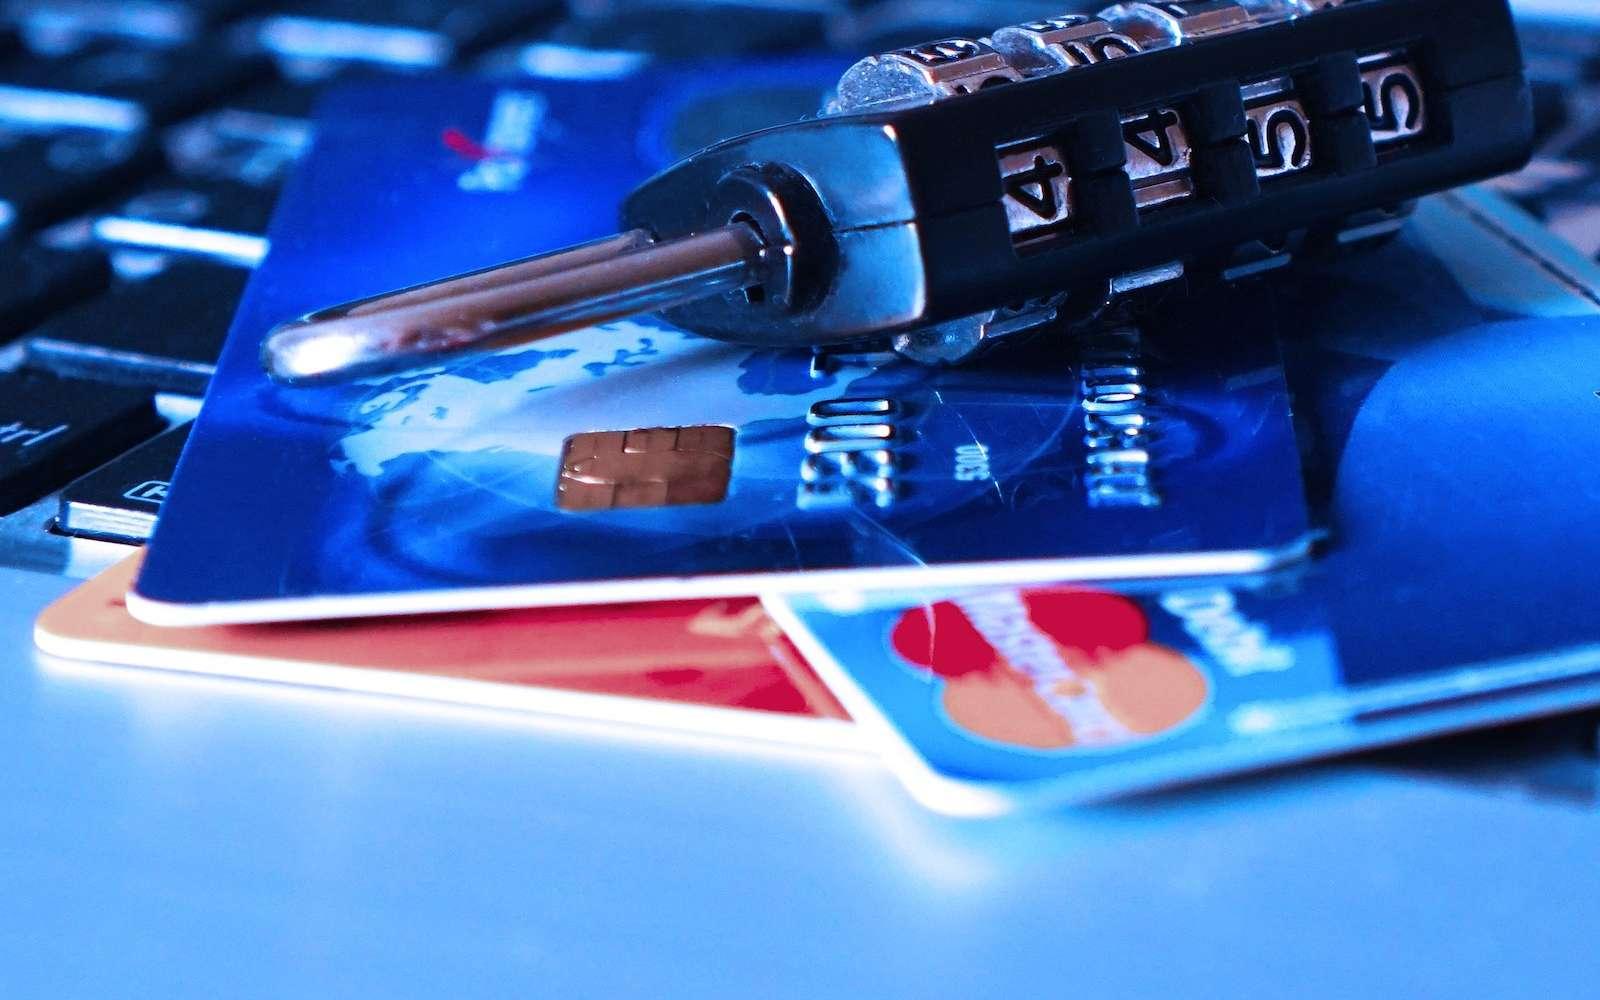 Banque en ligne, réseaux sociaux, sites marchands... À chaque site, son mot de passe, et comme on utilise souvent le même, il peut être plus facilement piraté. © TheDigitalWay, Pixabay